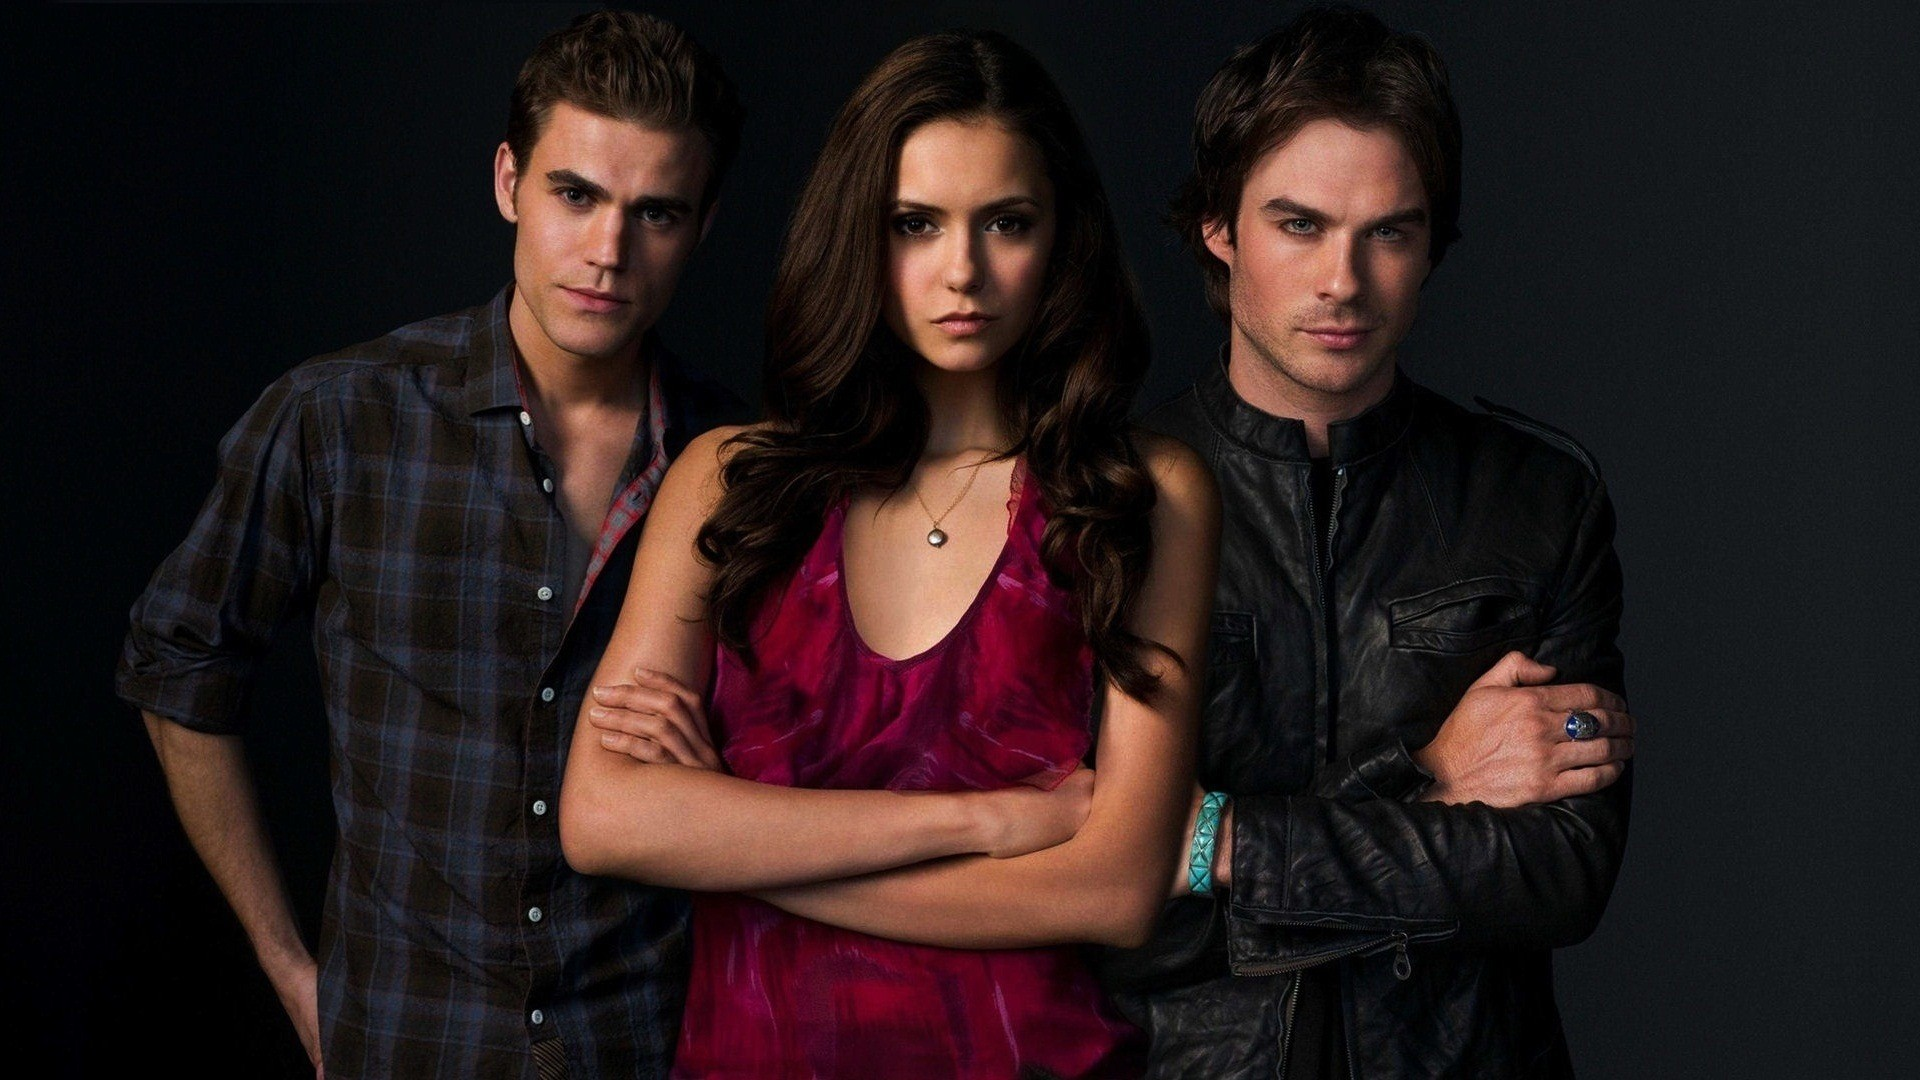 Vampire Diaries Download Wallpaper